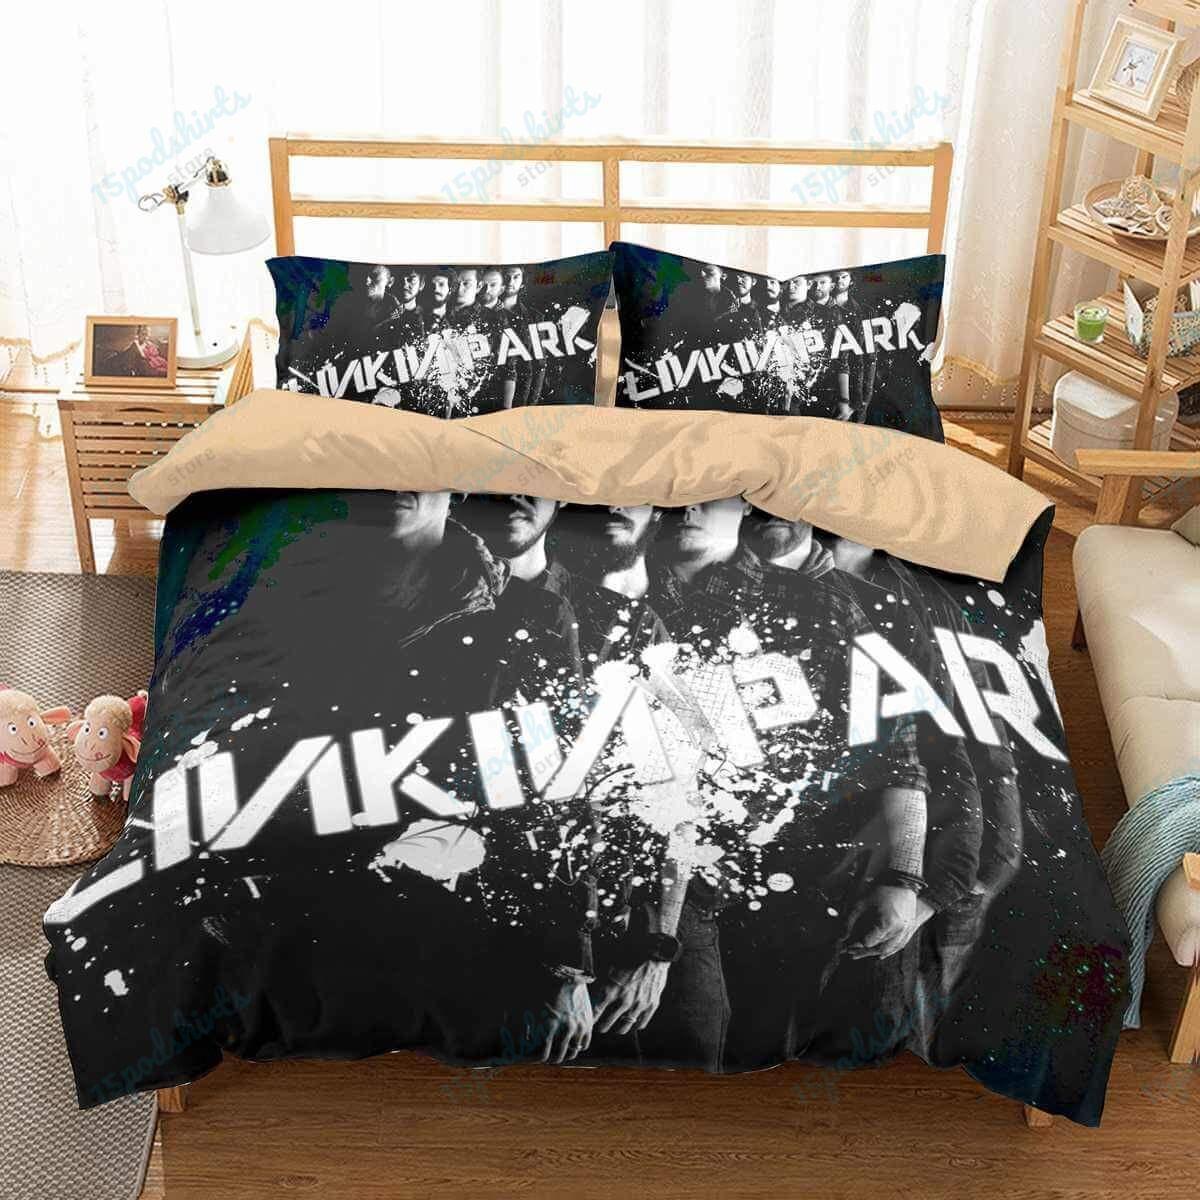 Linkin Park 1 Duvet Cover Bedding Set